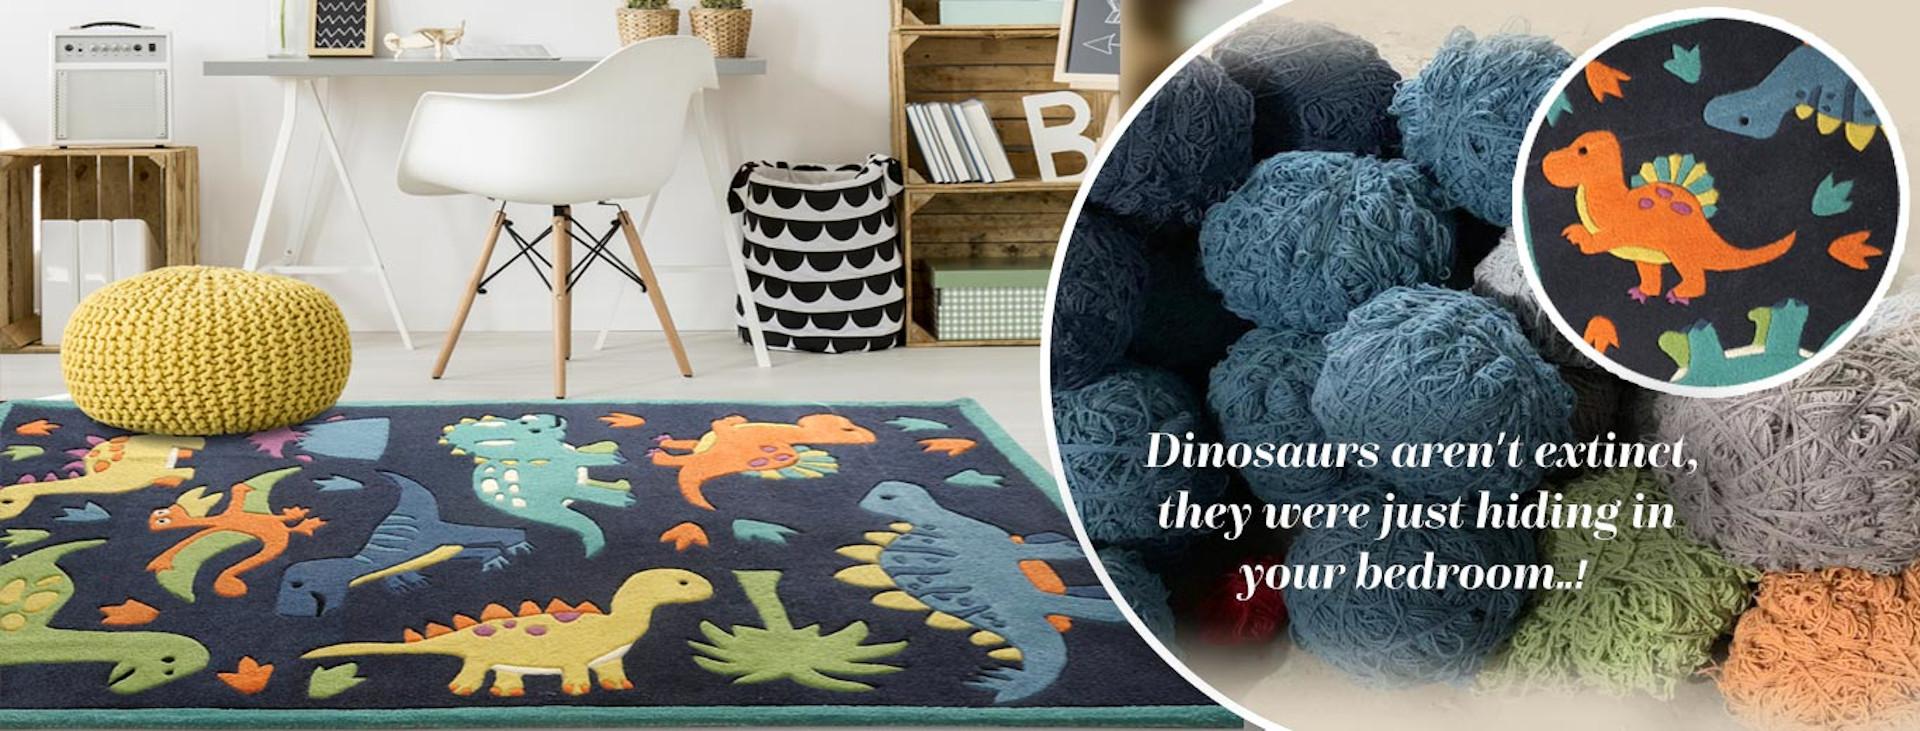 buy kids rugs online, buy kids carpets online, kids Dino rugs, buy Dino rugs, dinosaur rugs, kids room rugs, blue dinosaur rug, boys rugs, littlelooms rugs, hand tufted rugs, handmade rugs